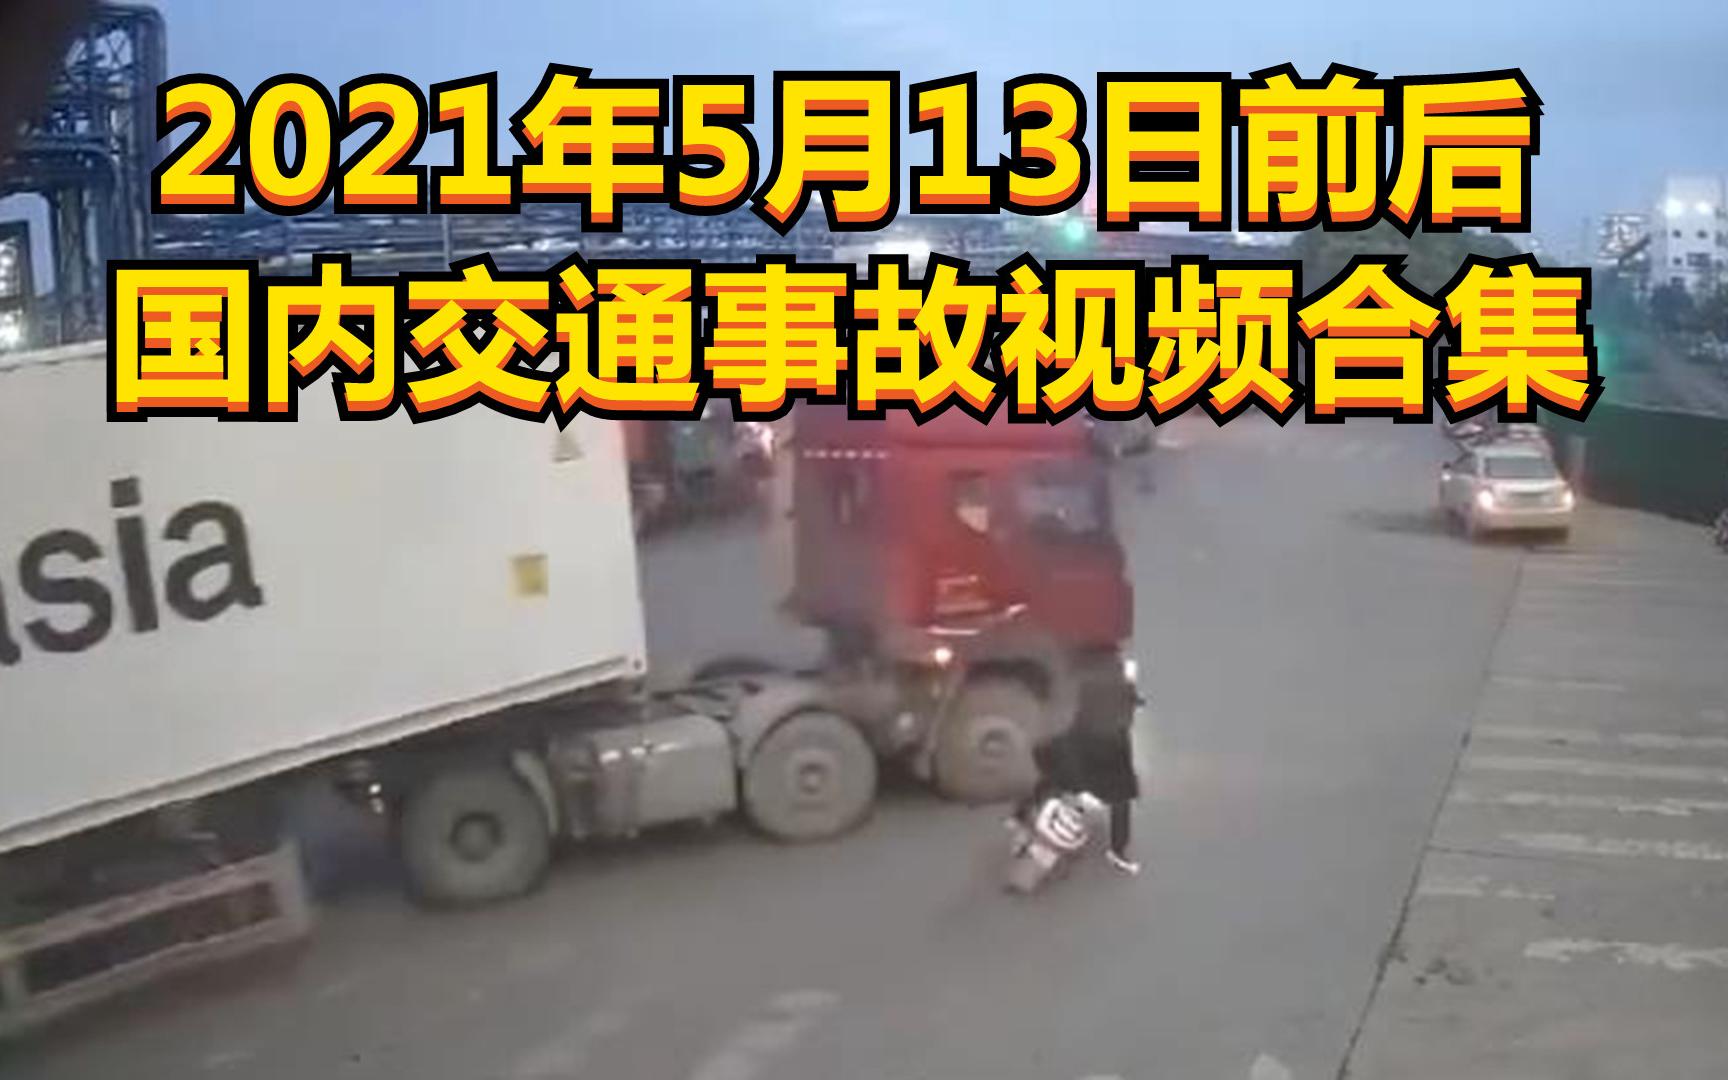 2021年5月13日前后国内交通事故视频合集